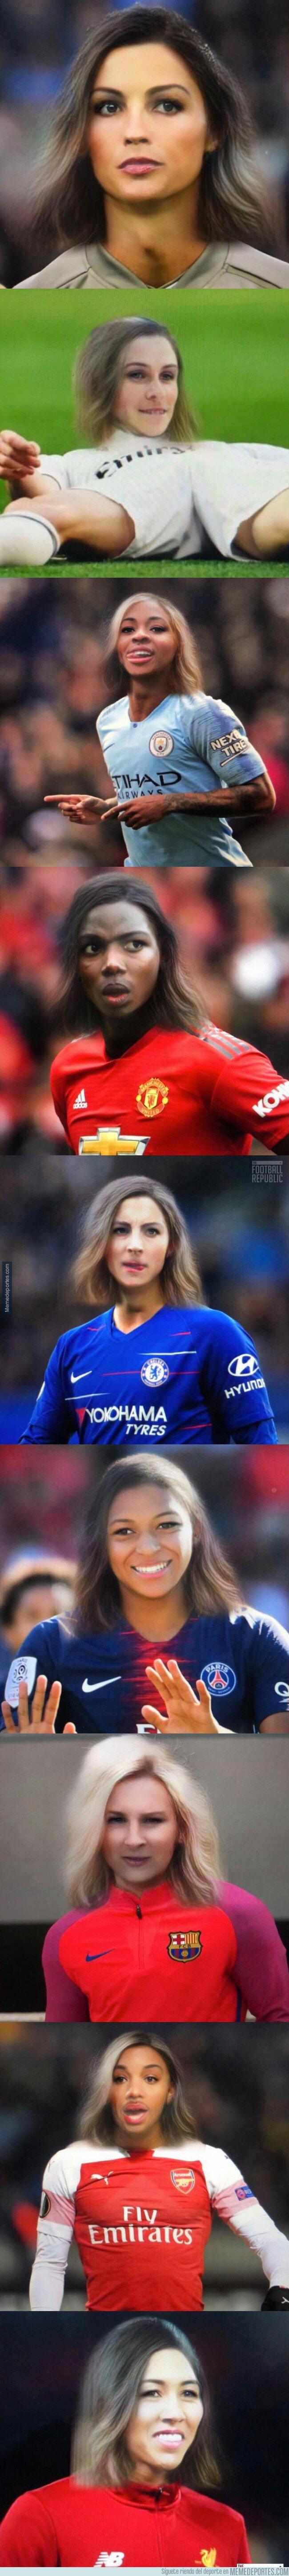 1074991 - Crean la versión femenina de los futbolistas más famosos con el filtro de snapchat que lo está petando